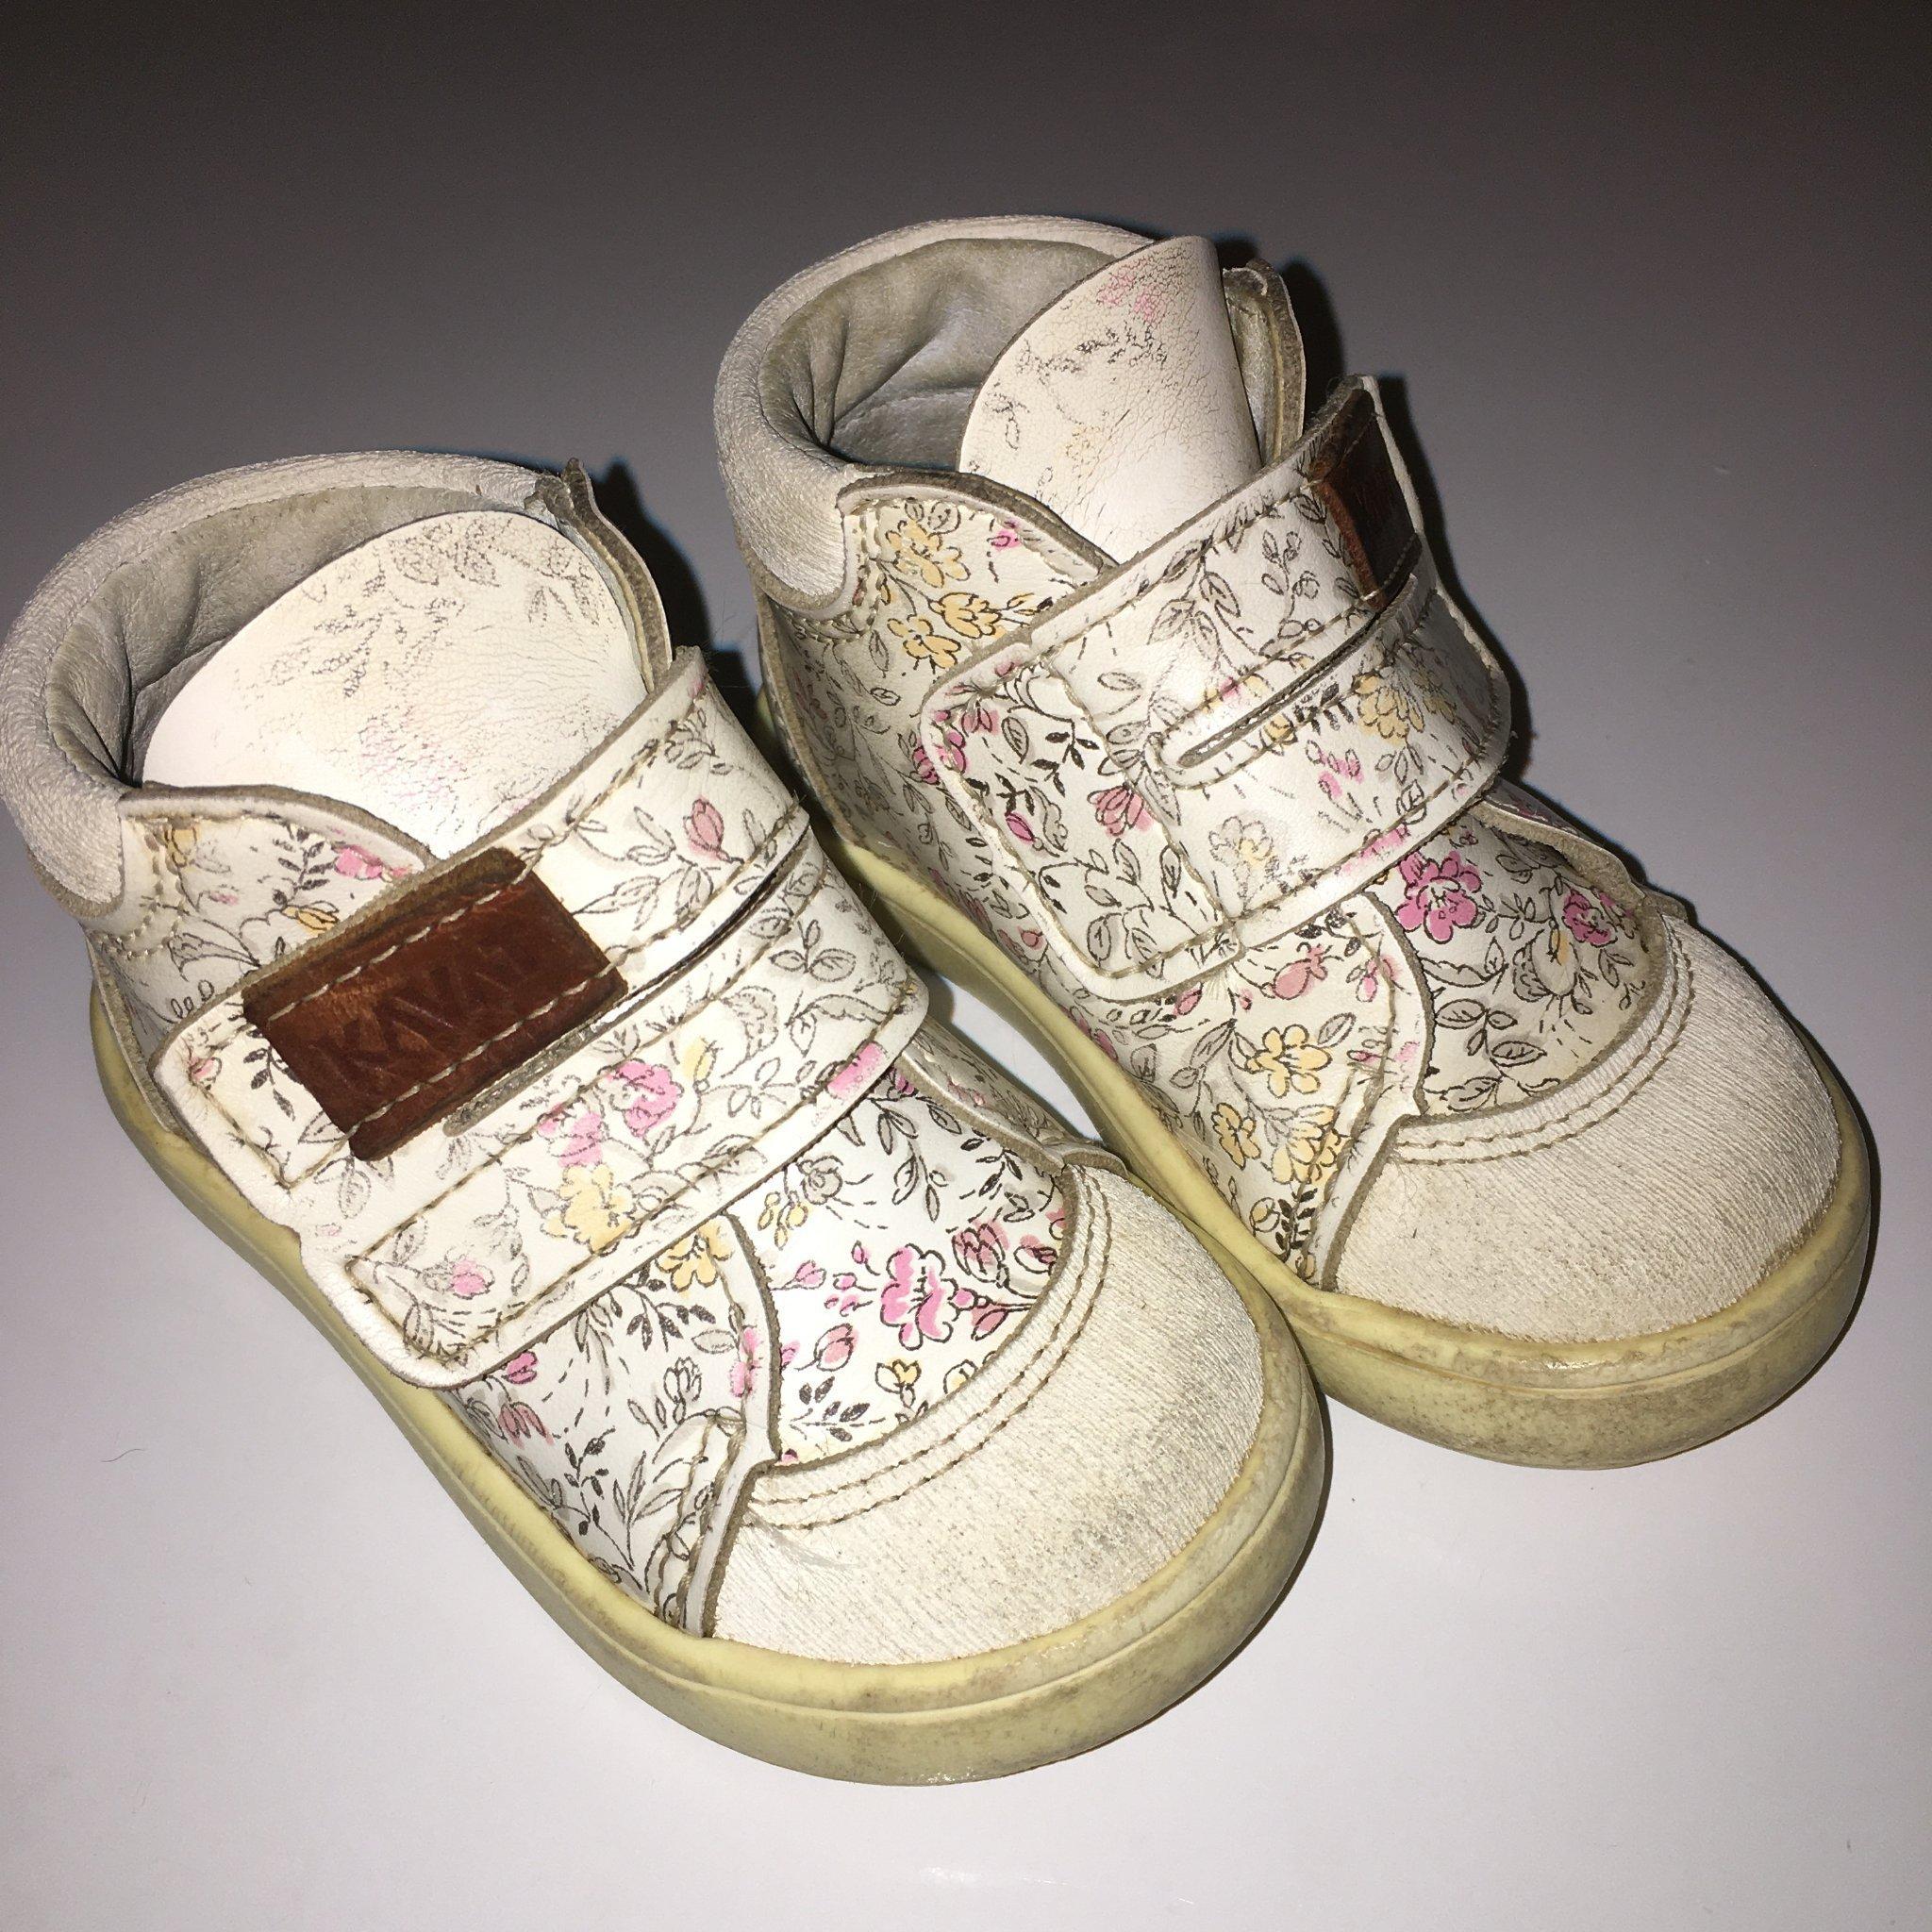 Kavat Fiskeby skor (sneakers), storlek 21